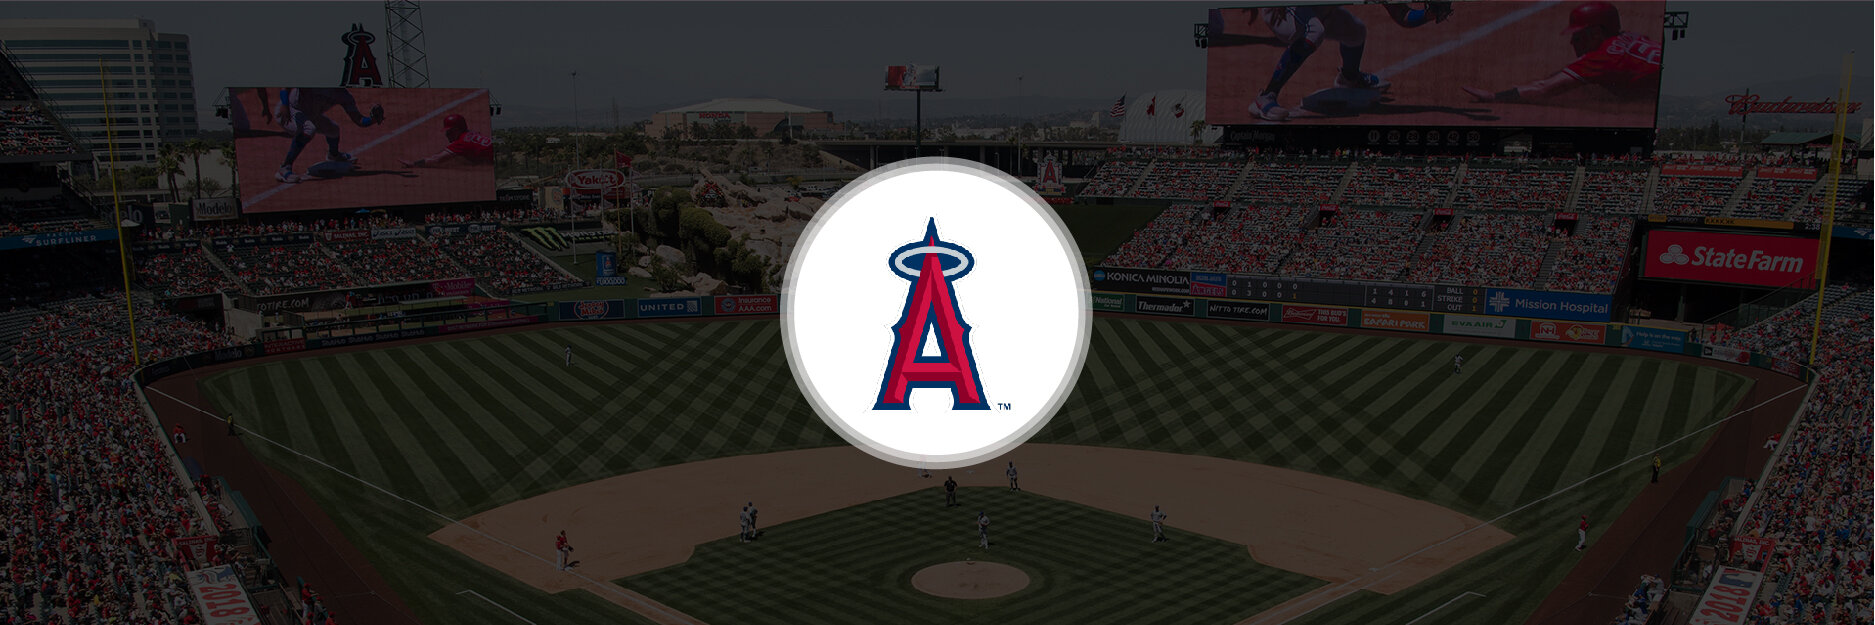 Los Angeles Angels Analysis Before 2020 Season Start